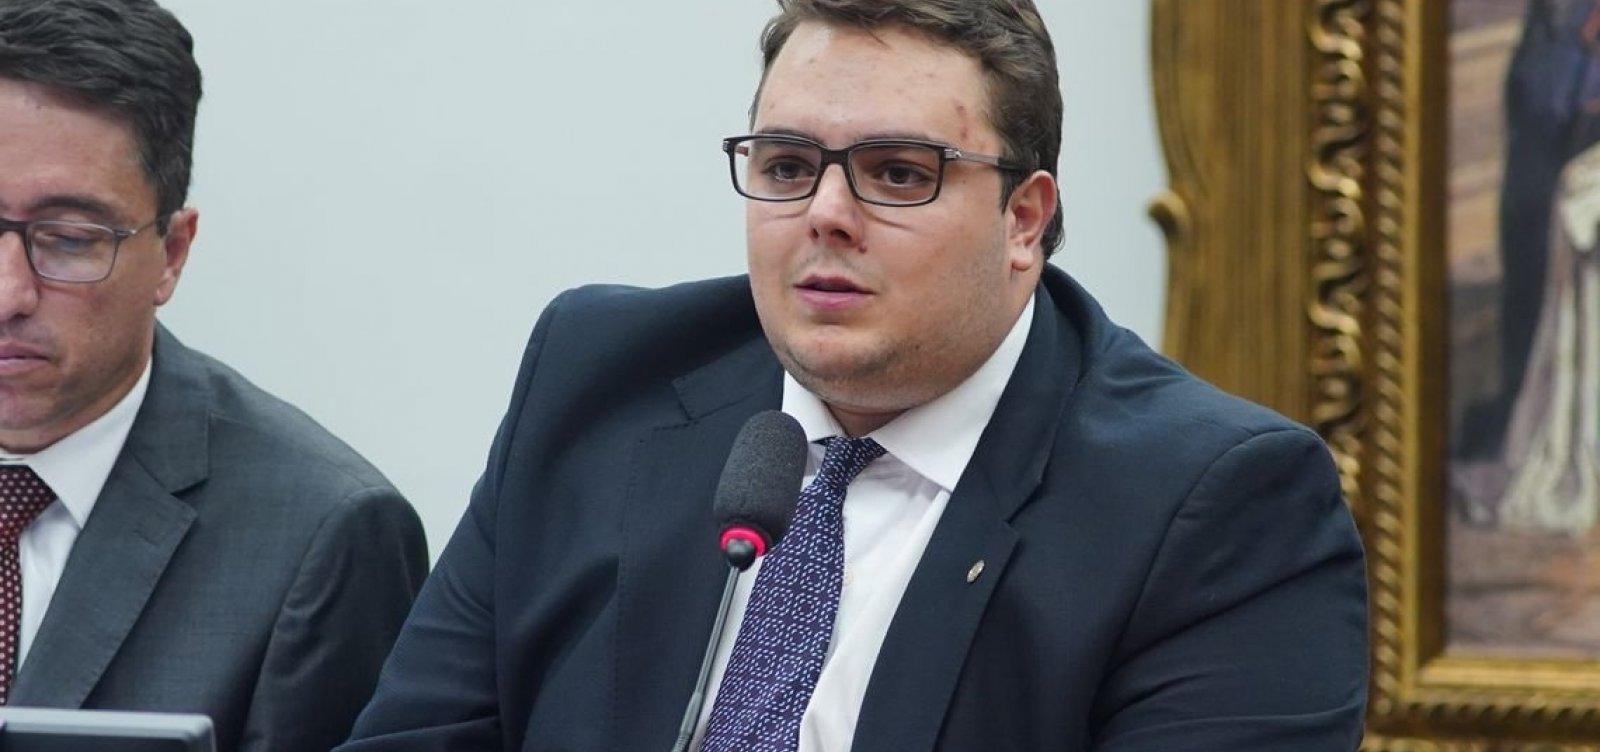 Presidente da CCJ quer pautar debate sobre 2ª instância 'independentemente' do STF